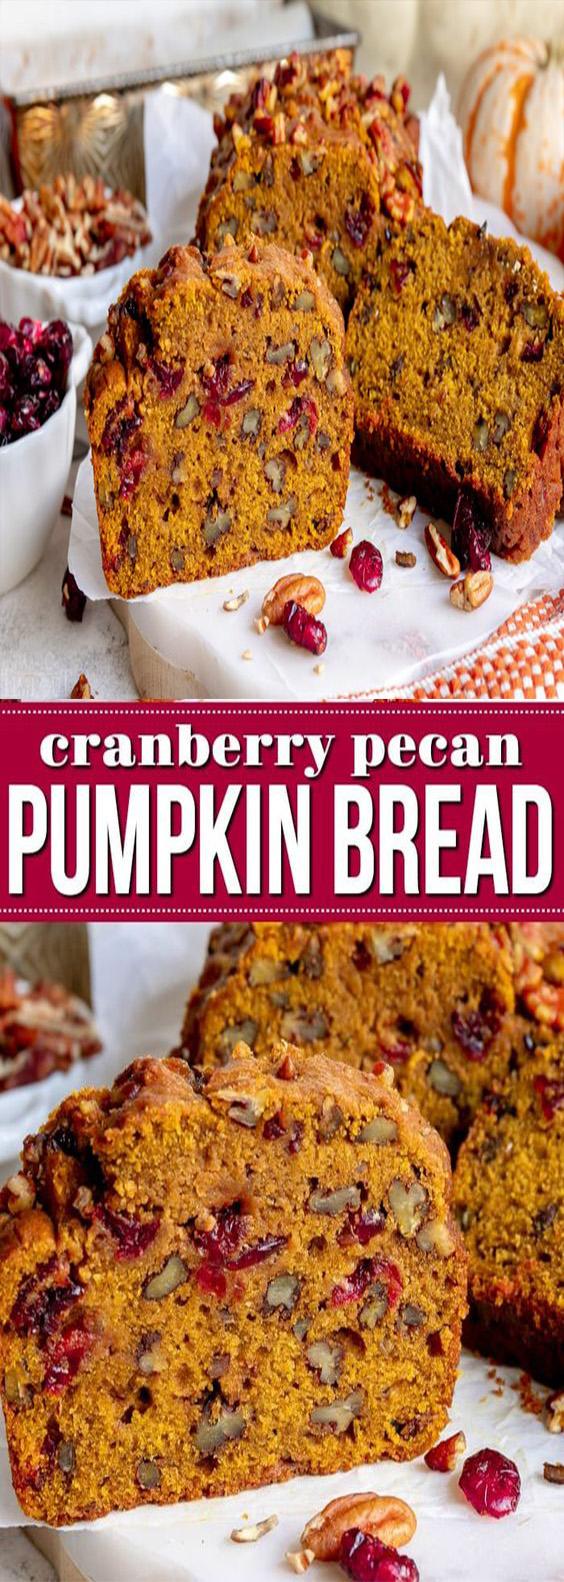 Cranberry Pecan Pumpkin Bread